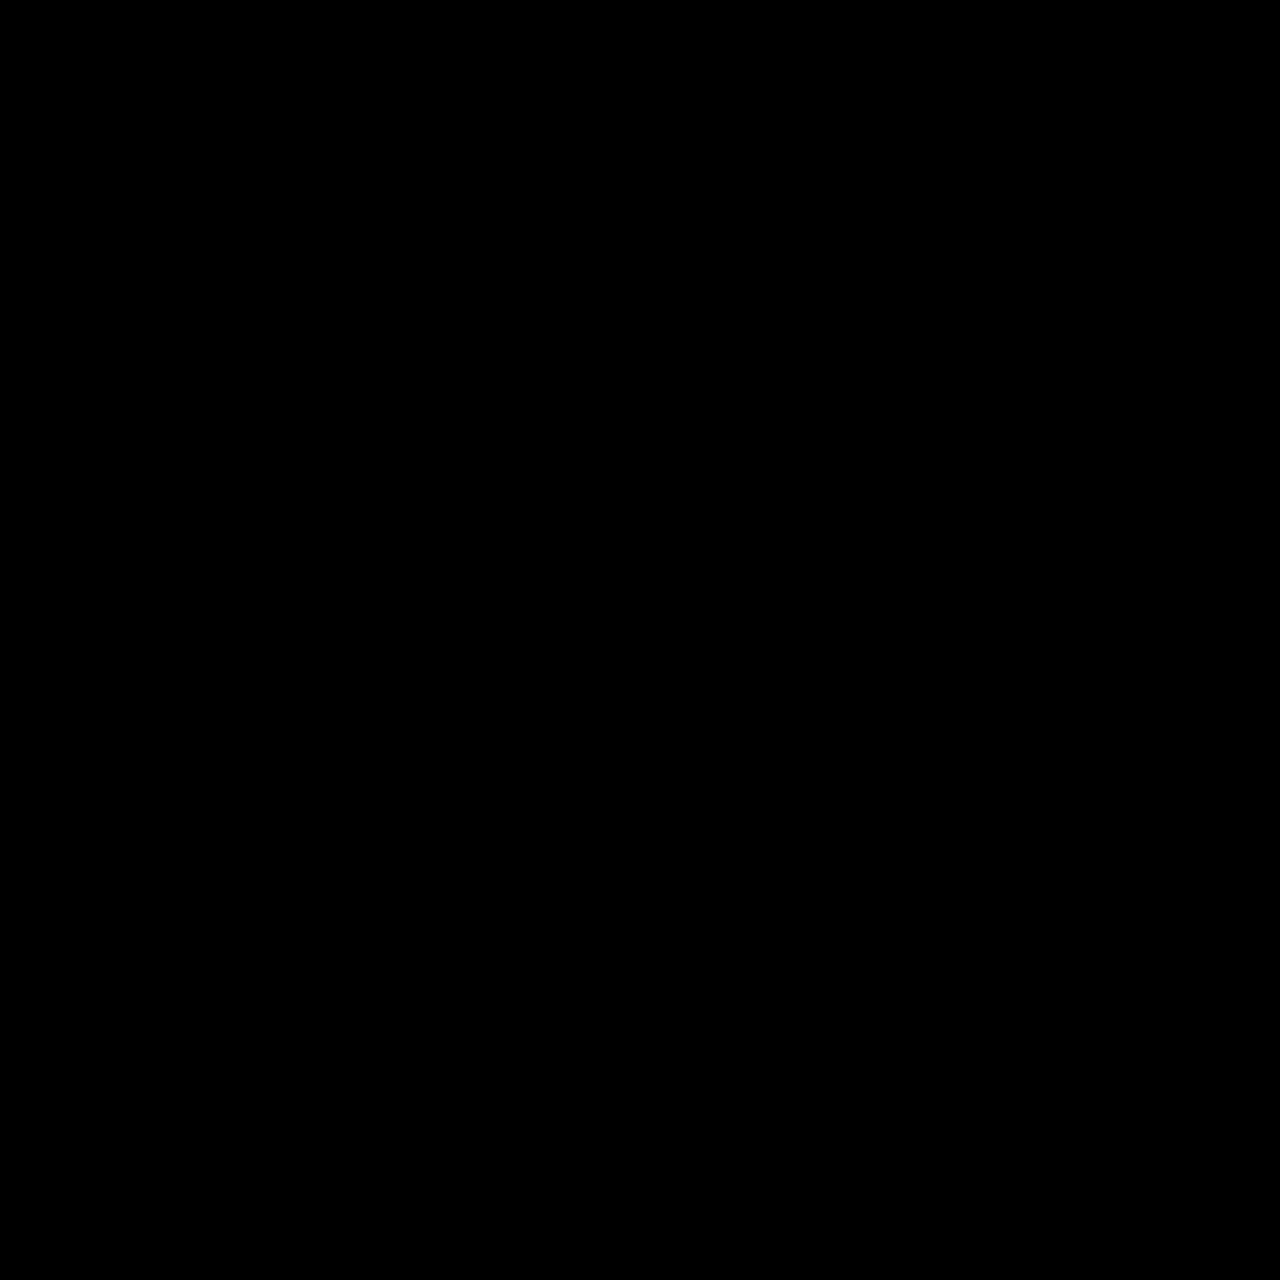 Kuromajo no Koukotsu 95